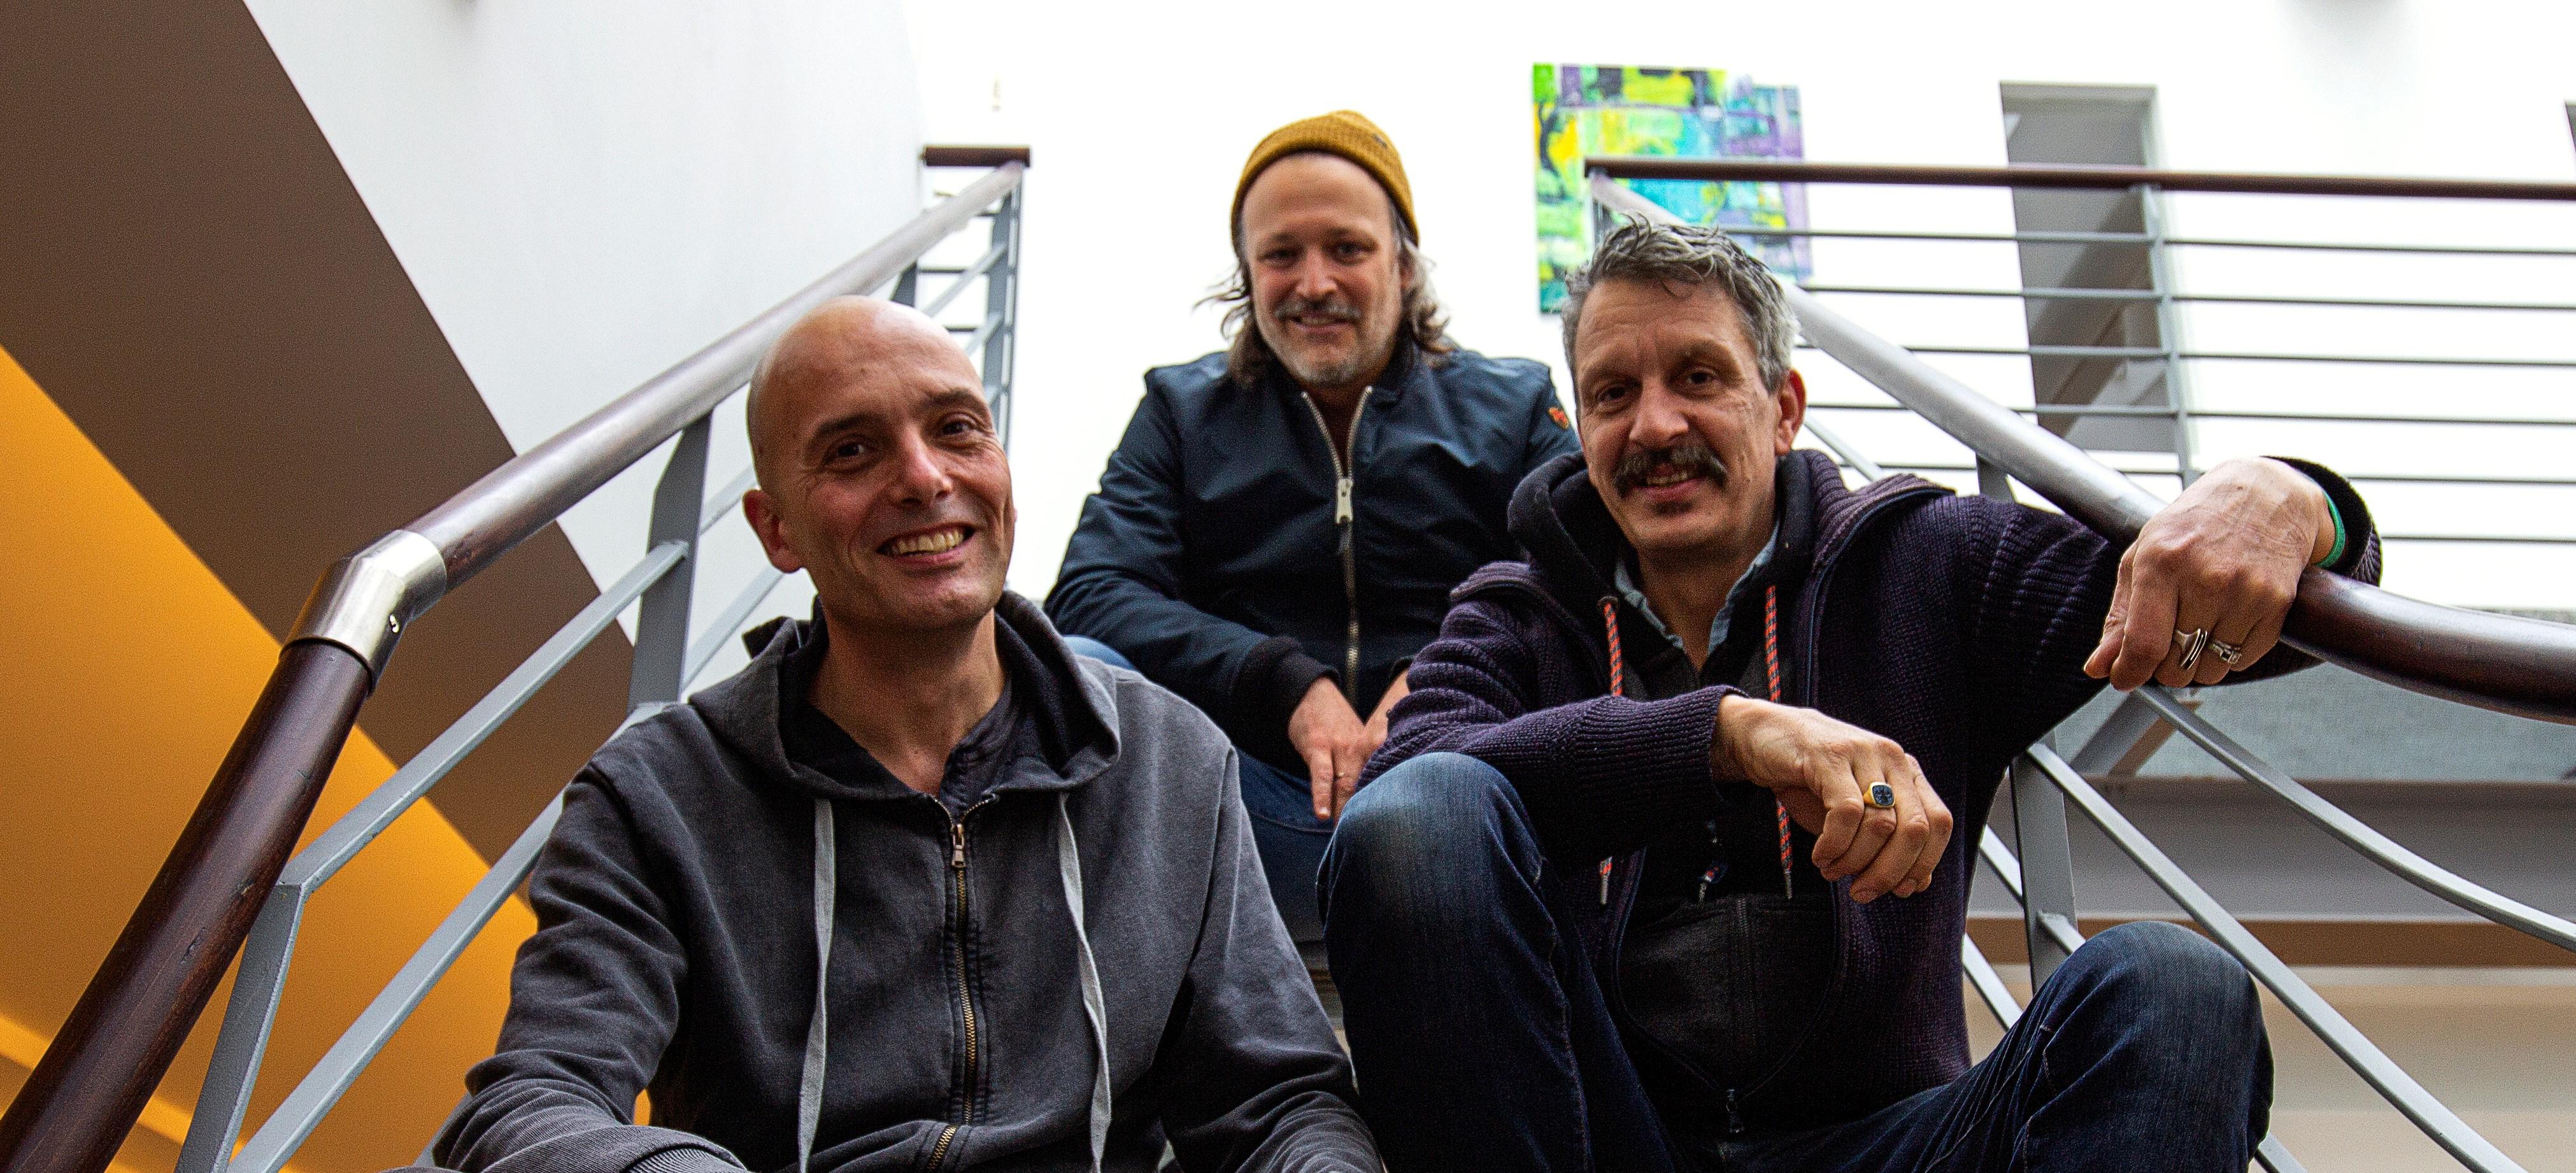 Neuer rot-weisser Kreativ-Partner: Christoph Lievenbrück (l.), Thorsten Sievering (mi.) und Hans Starck (r.) mit der Agentur ALTOBELLI.